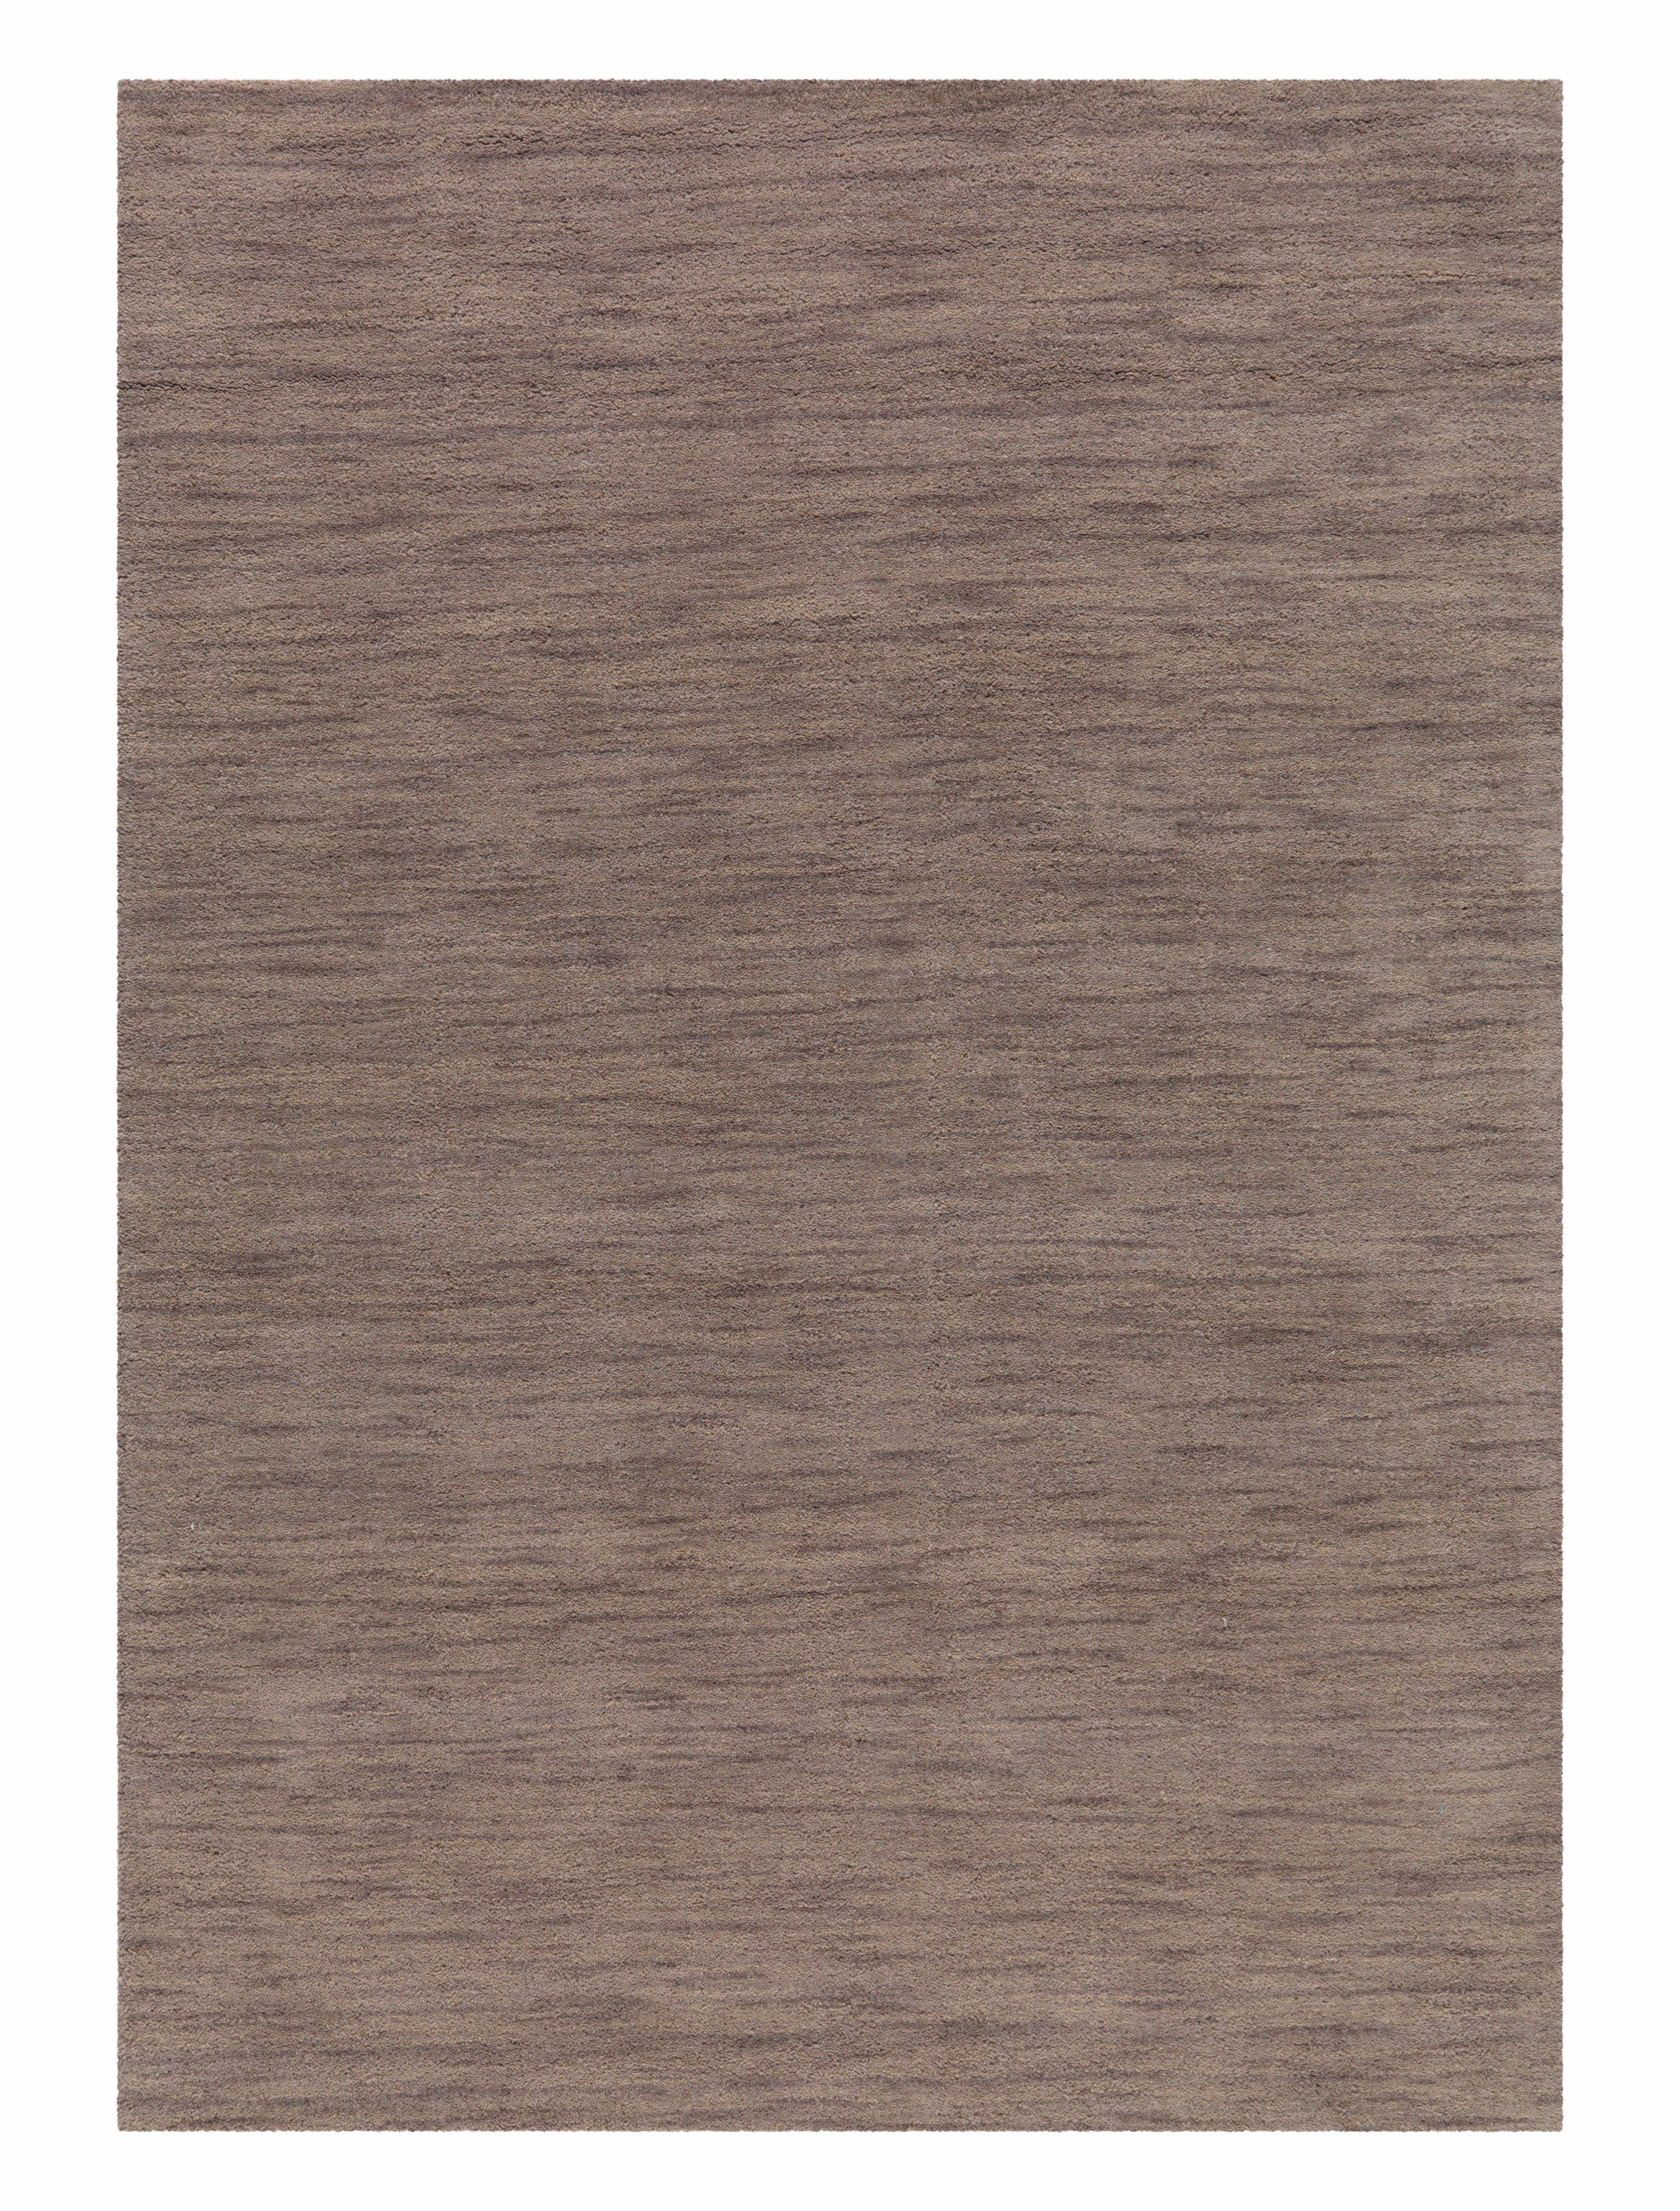 Wollteppich Dina 8044 Arte Espina rechteckig Höhe 13 mm maschinell gewebt